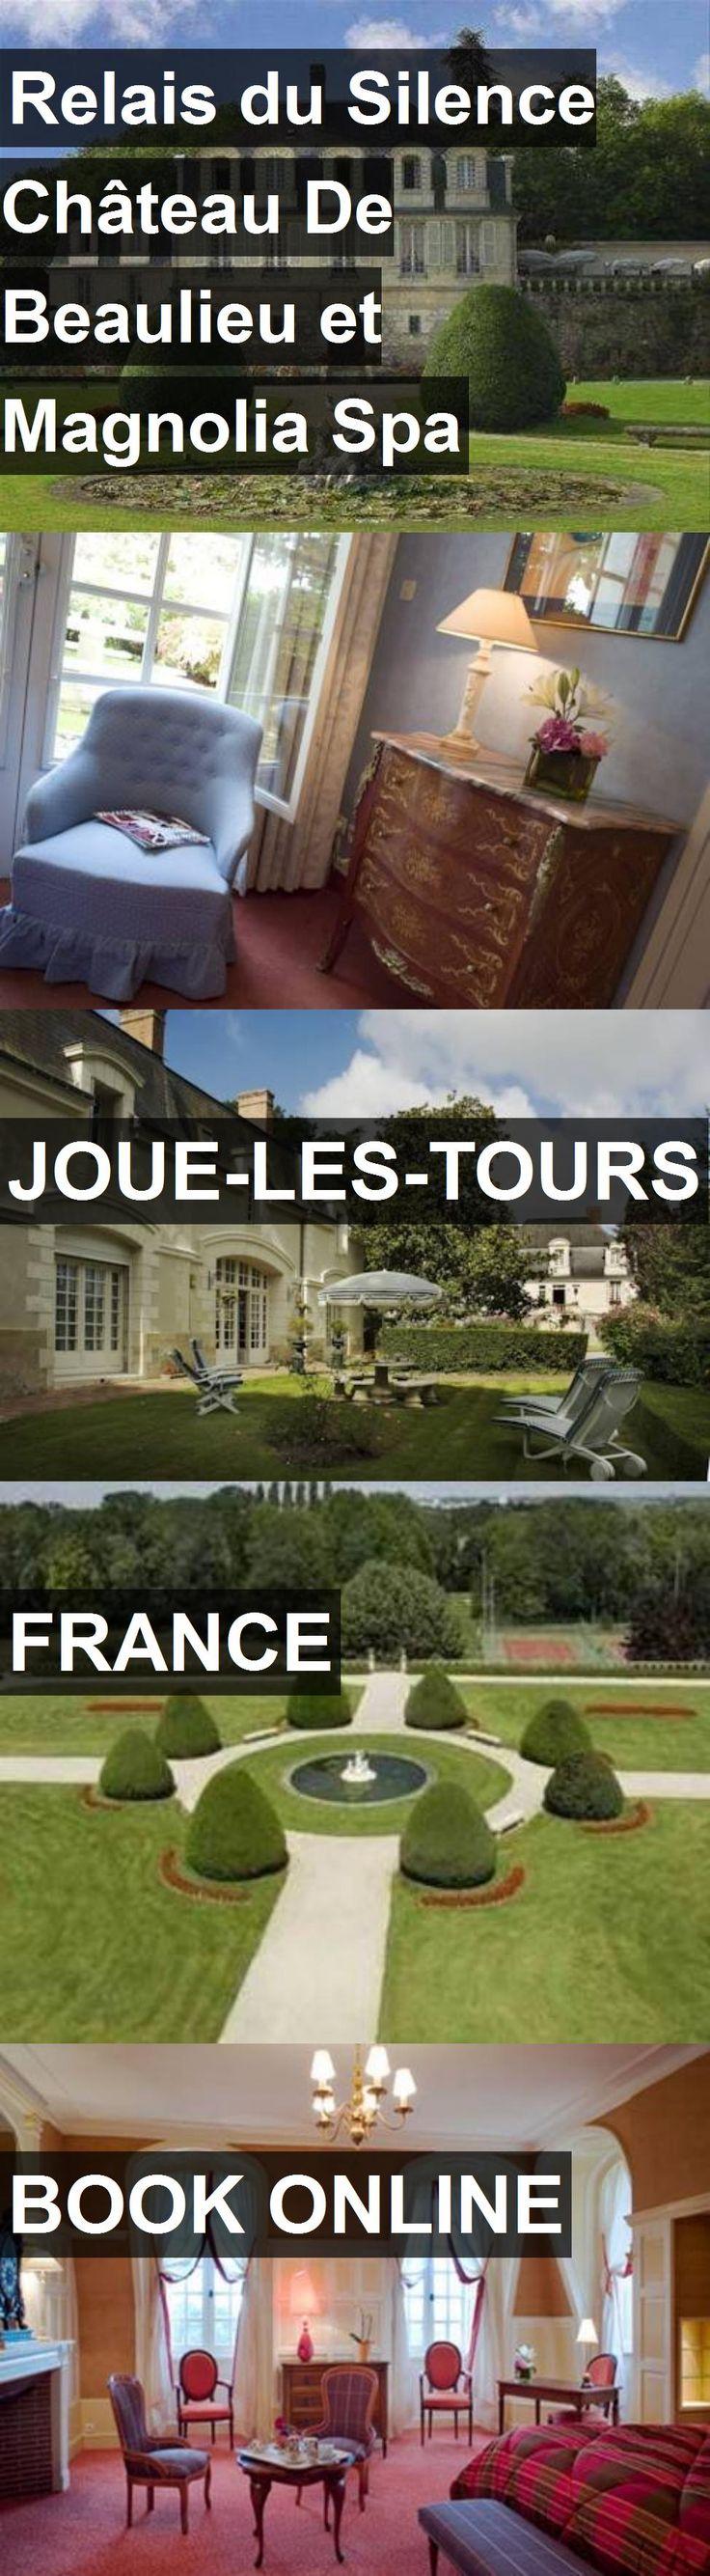 Hotel Relais du Silence Château De Beaulieu et Magnolia Spa in Joue-les-Tours, France. For more information, photos, reviews and best prices please follow the link. #France #Joue-les-Tours #travel #vacation #hotel